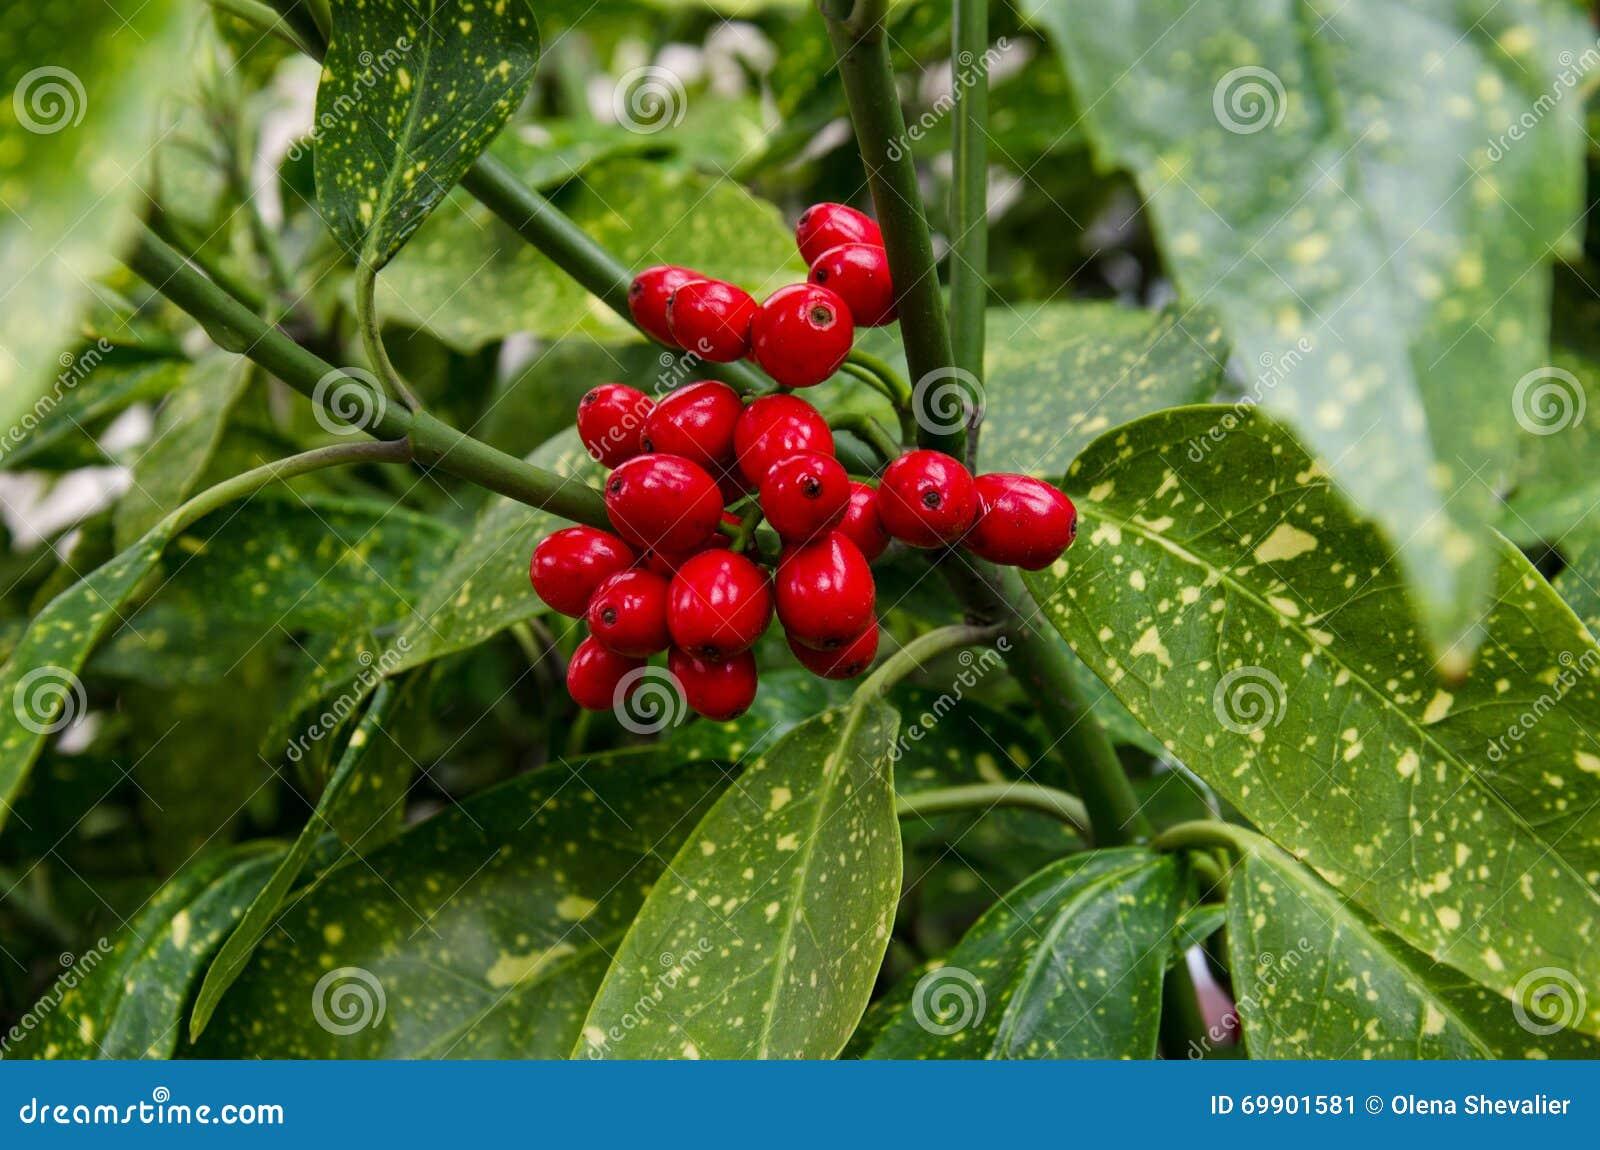 Pianta Ornamentale Con Bacche Rosse bacche pianta ornamentale immagine stock. immagine di bacche